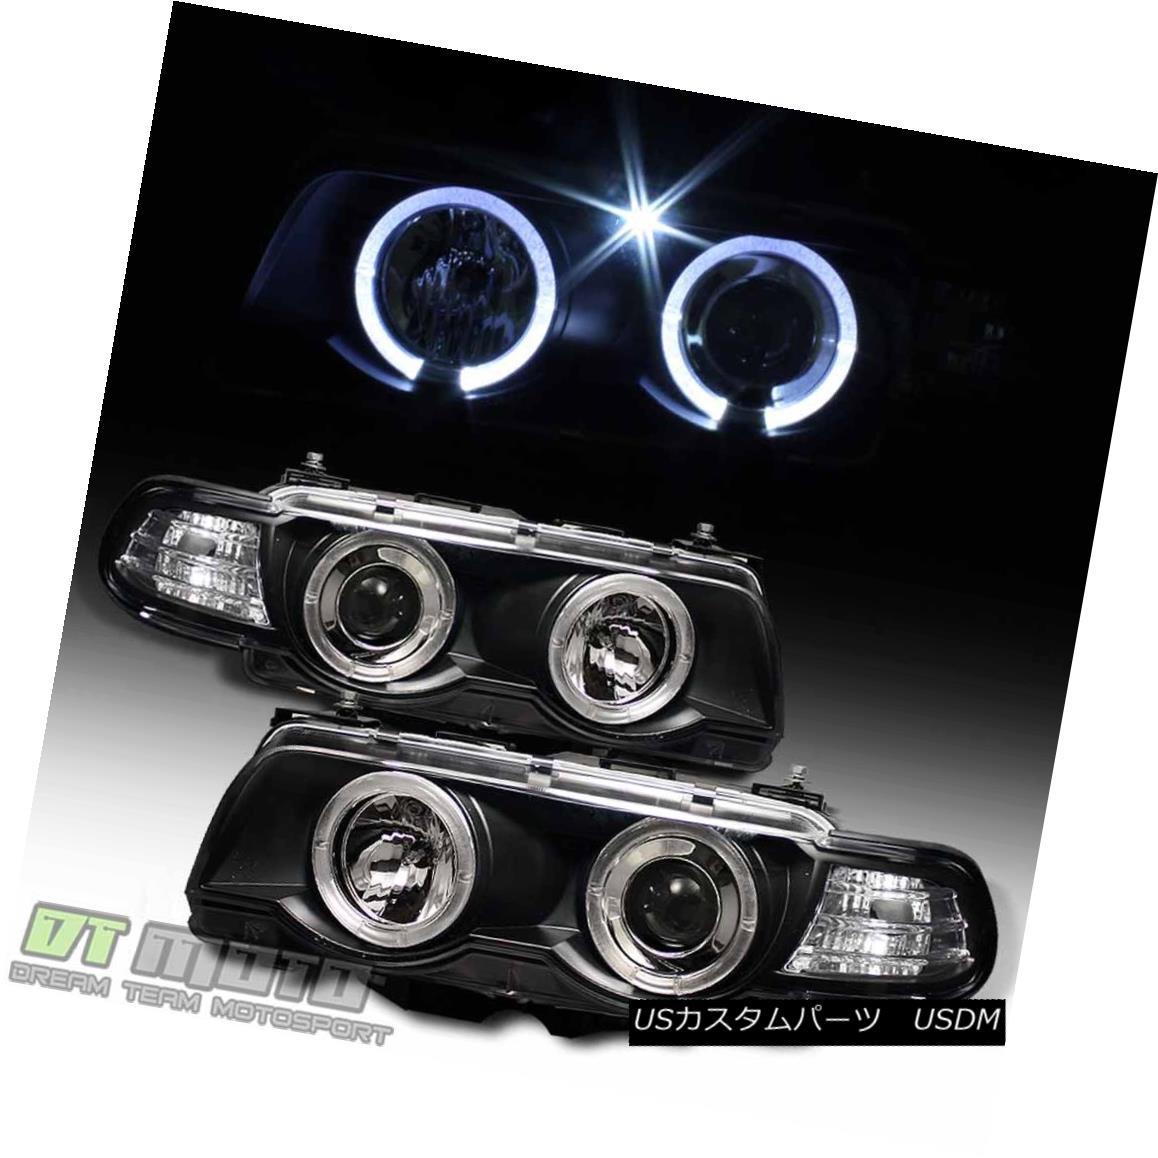 ヘッドライト Black 1999-2001 BMW E38 7-Series LED Halo Projector Headlights HID Version Only ブラック1999-2001 BMW E38 7シリーズLEDハロープロジェクターヘッドライトHIDバージョンのみ